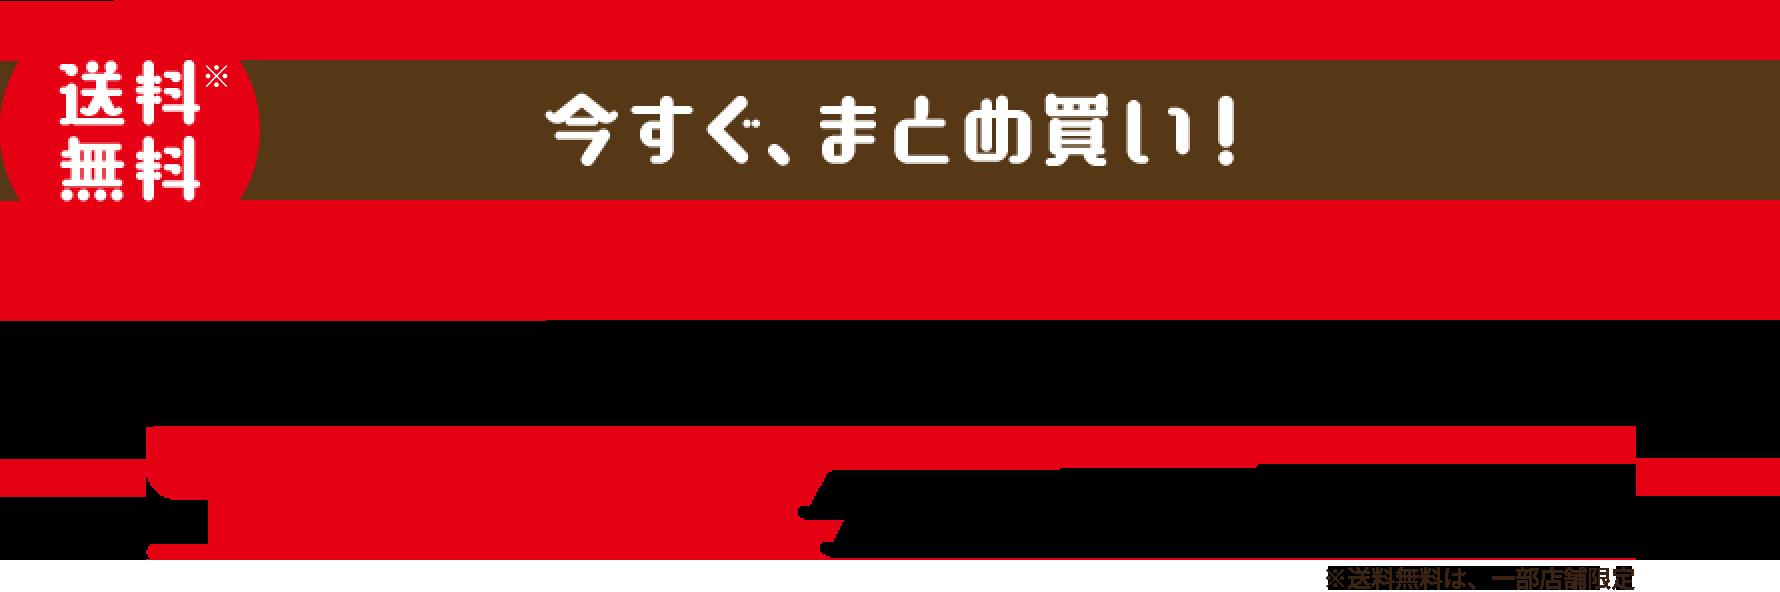 送料無料 今すぐ、まとめ買い! 楽天市場で購入時に使える 500円OFFクーポンプレゼント